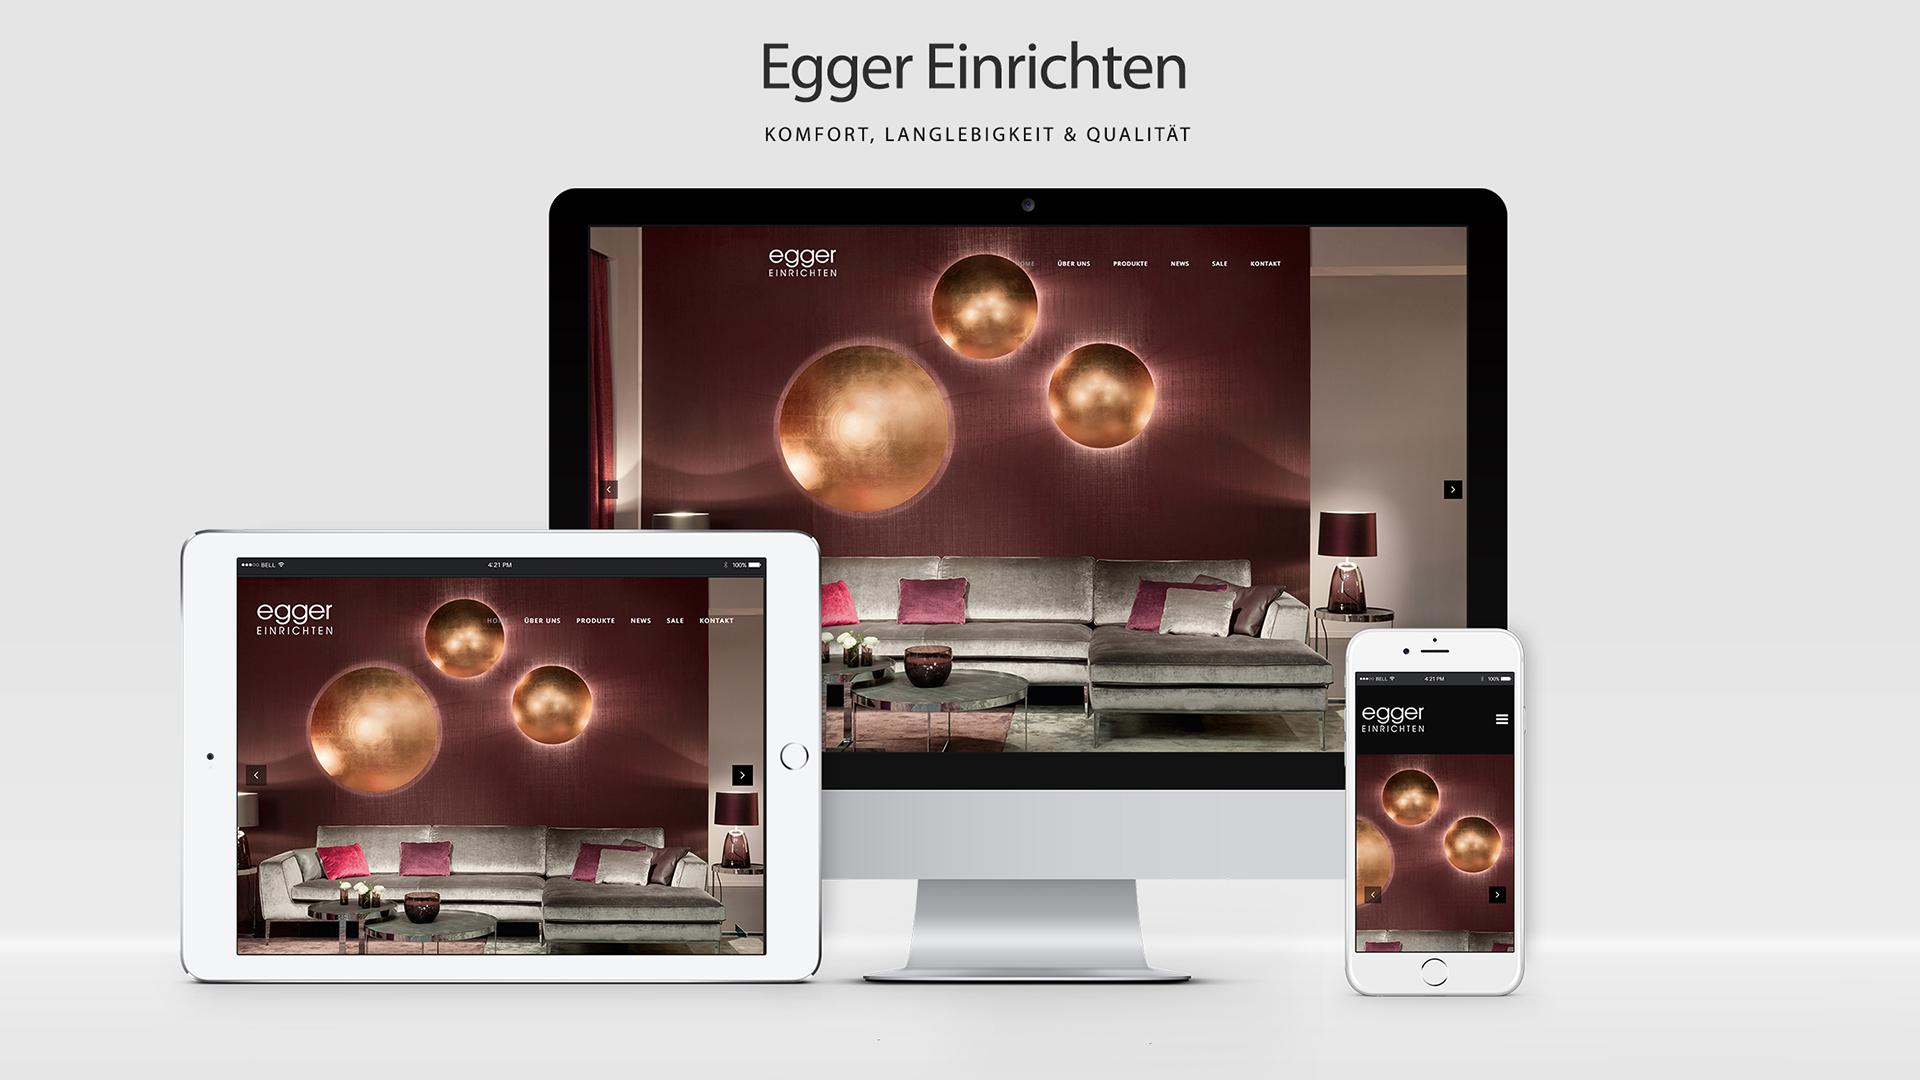 Einrichten Egger – WordPress Website